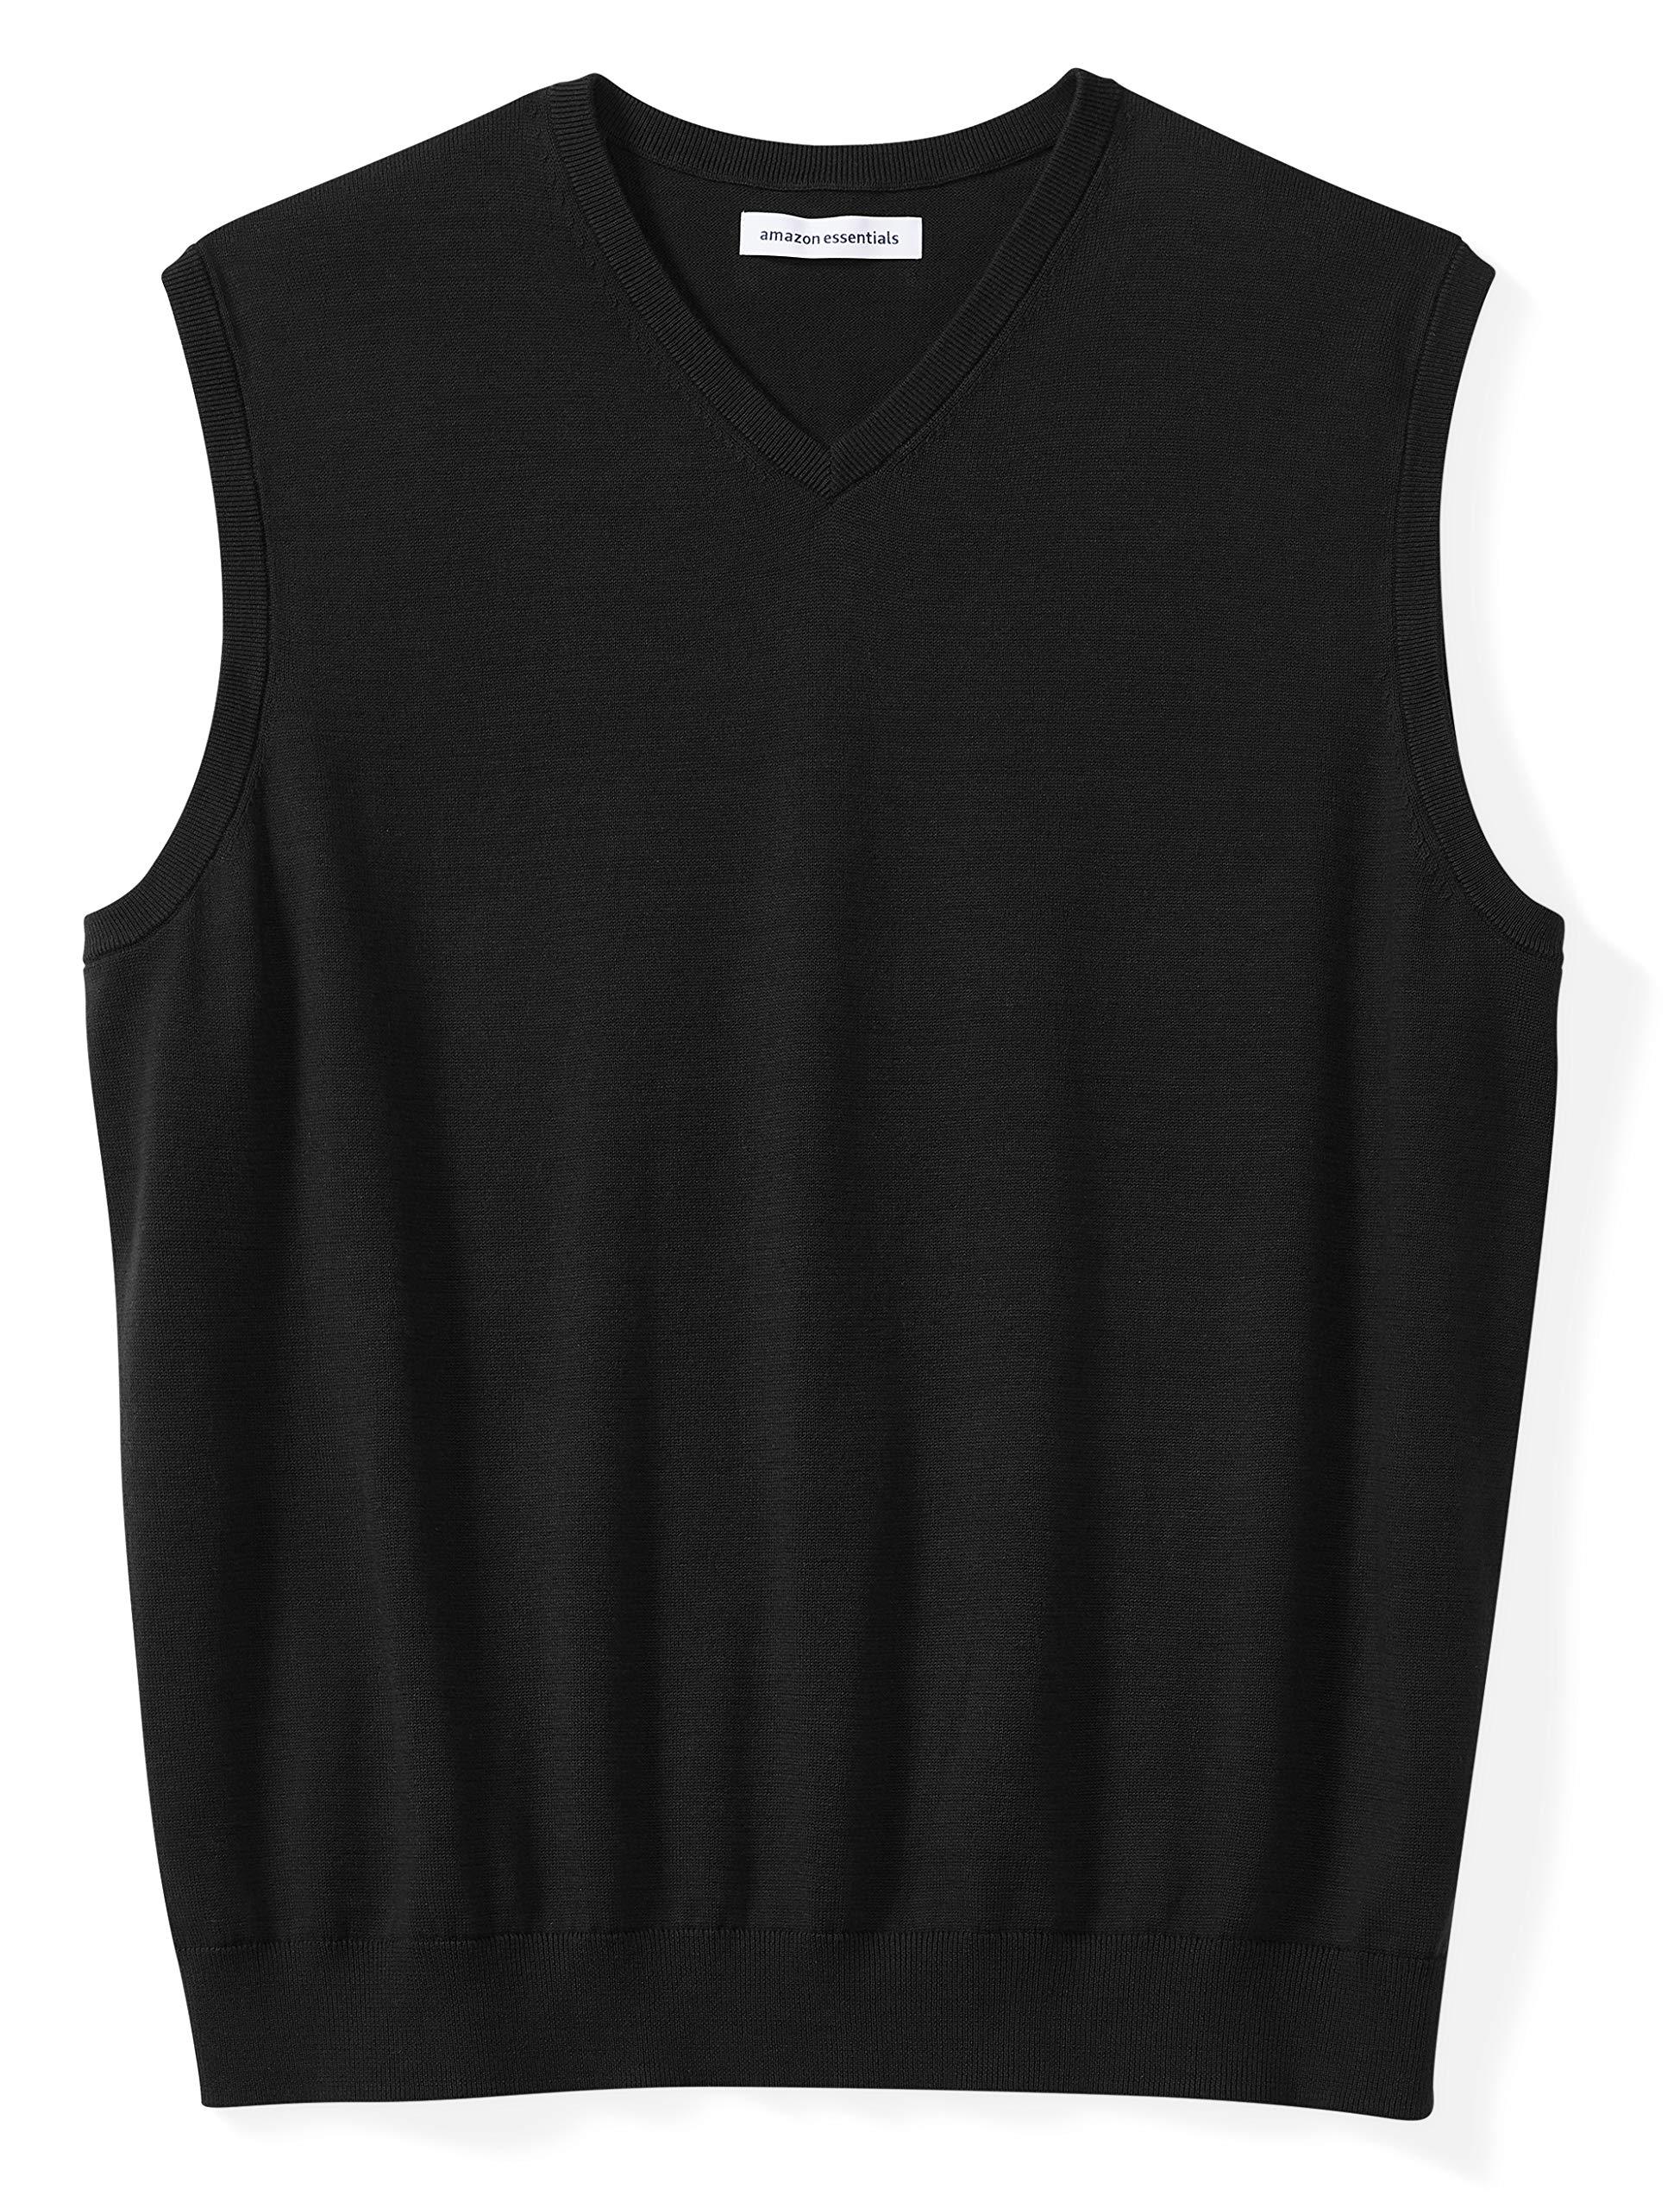 Amazon Essentials Men's Big & Tall V-Neck Sweater Vest, Black, 2X Tall by Amazon Essentials